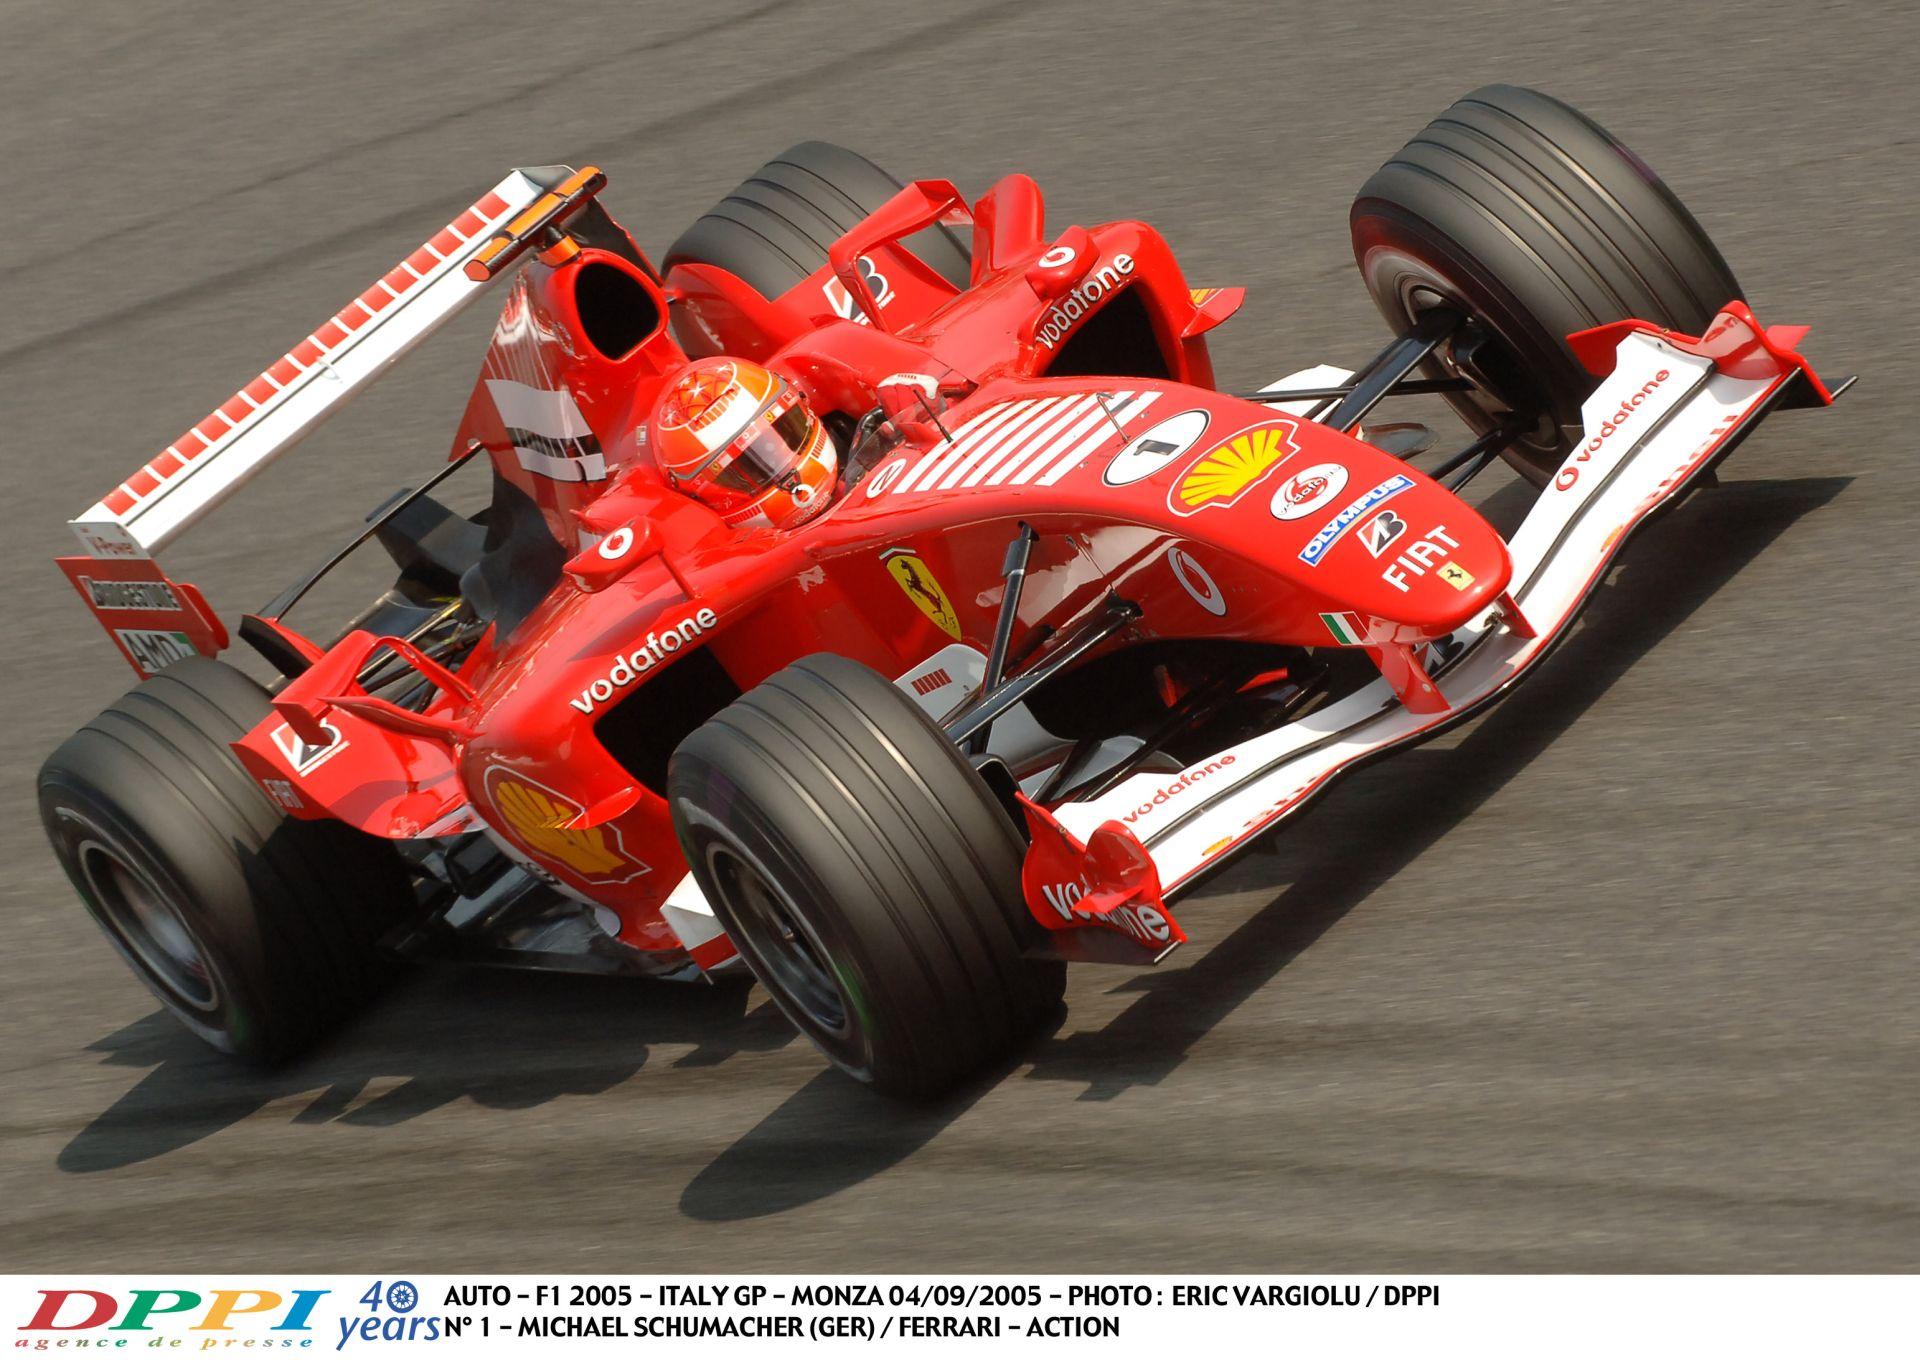 Michael Schumacher hihetetlen hangos és gyors száguldása a V10-es Ferrarival Monzában